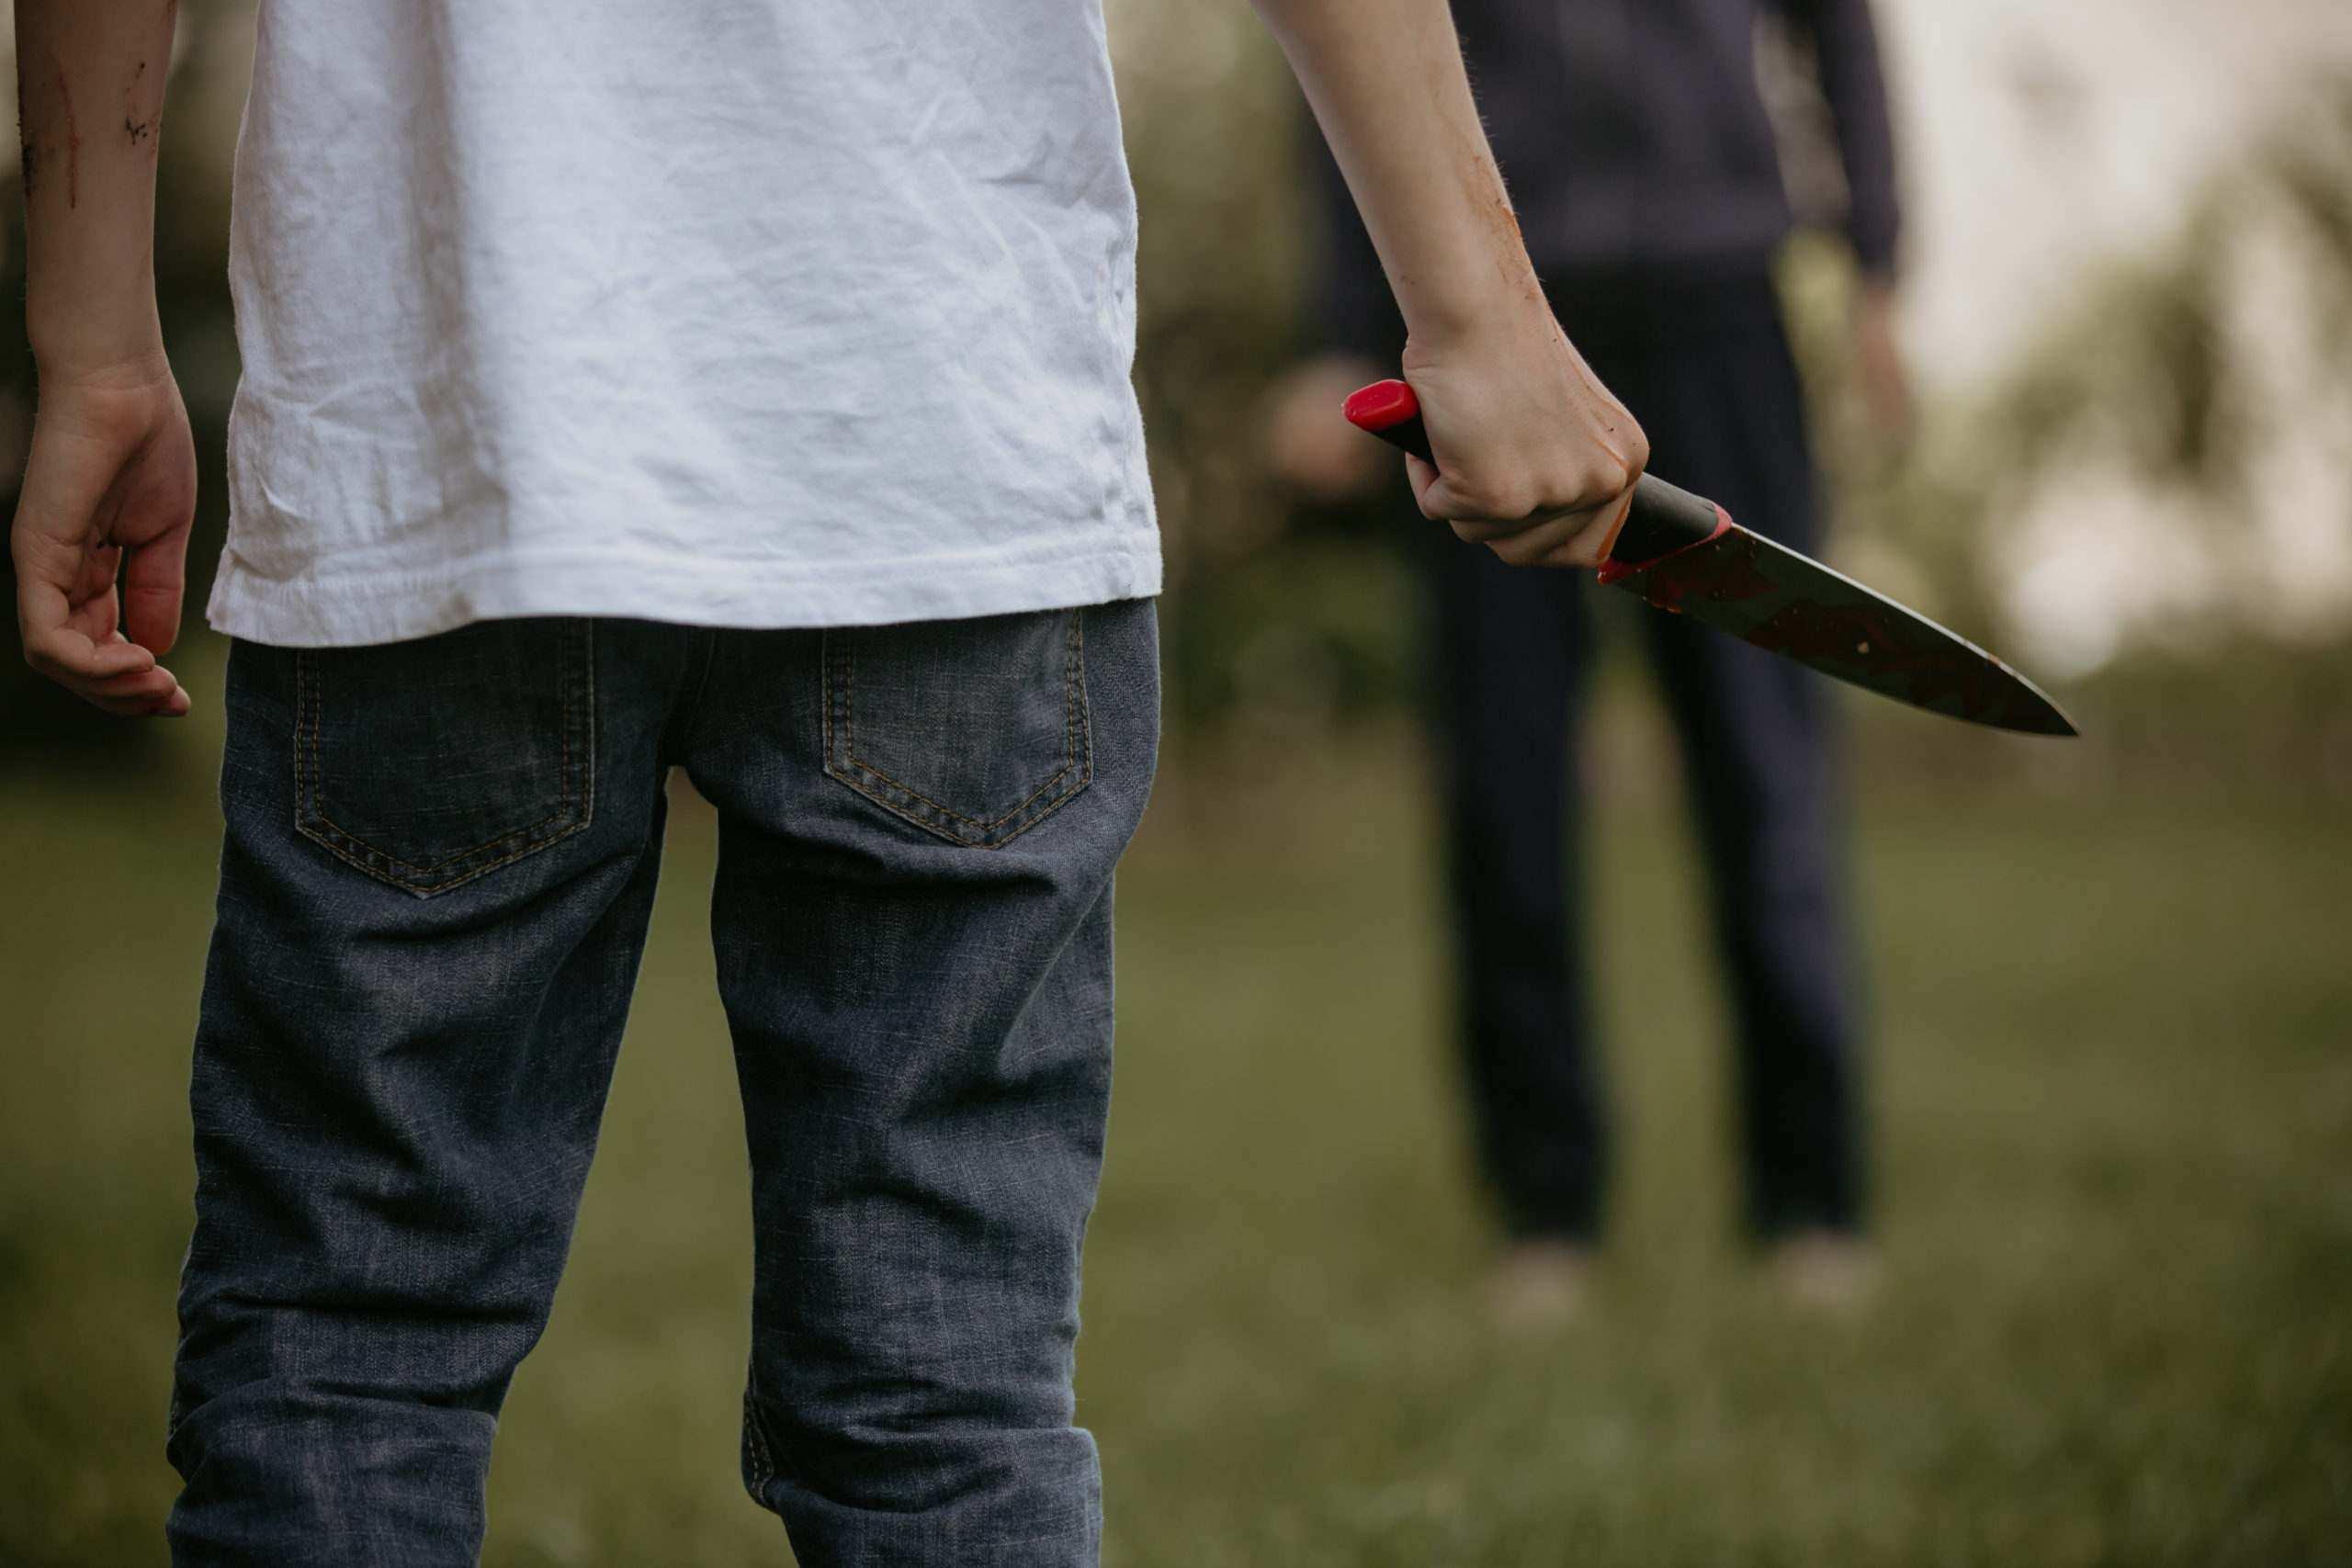 Молодая пара из Новороссийска стала жертвой рецидивиста, который едва не изнасиловал девушку